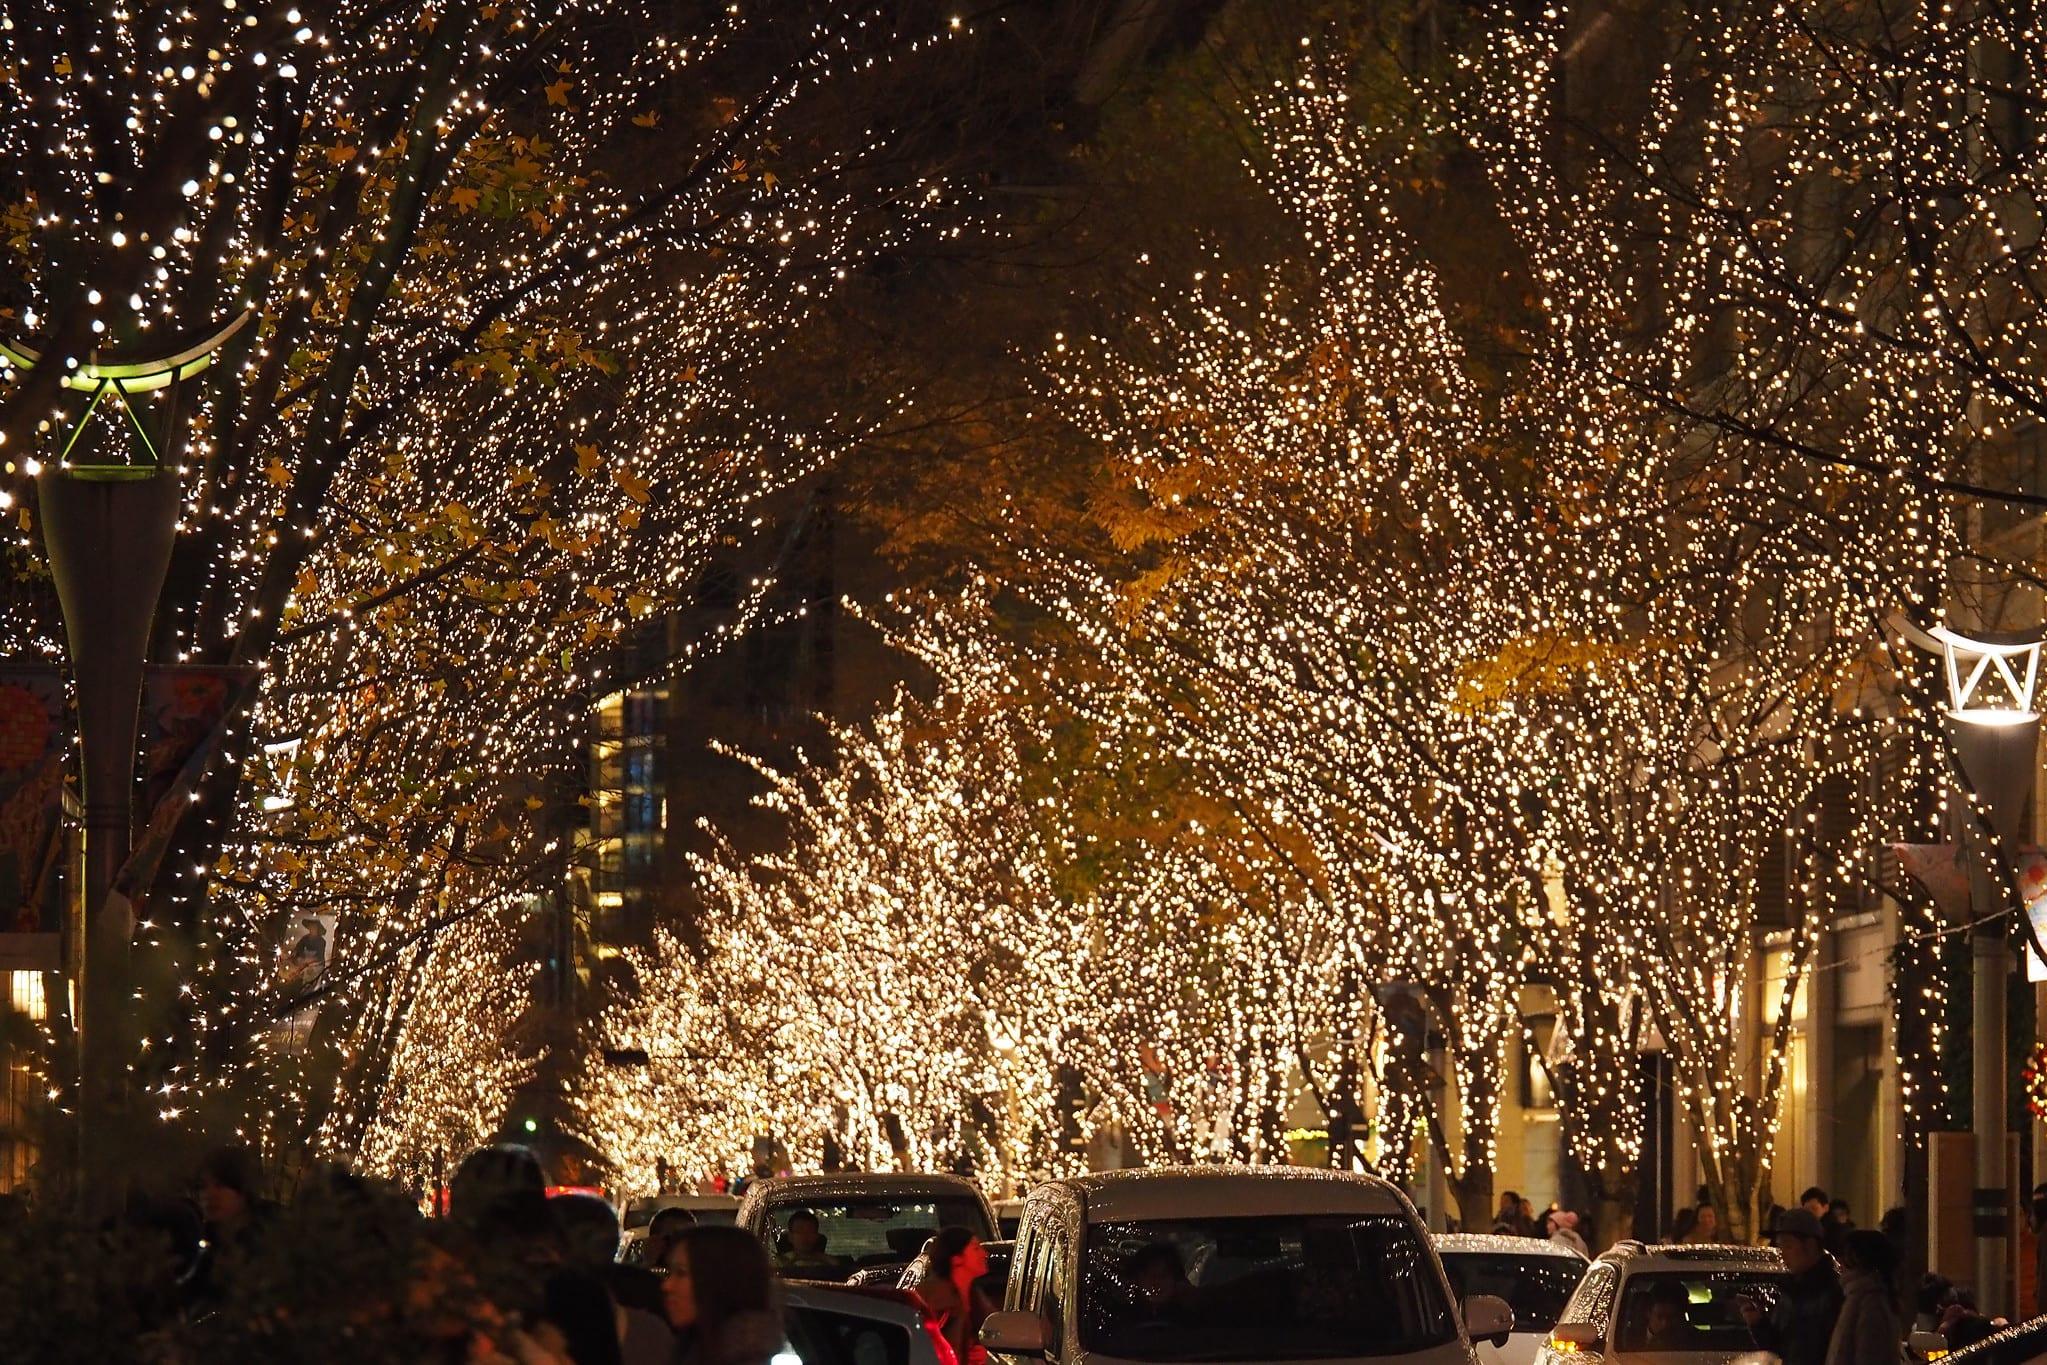 tokyo-illumination-marunouchi